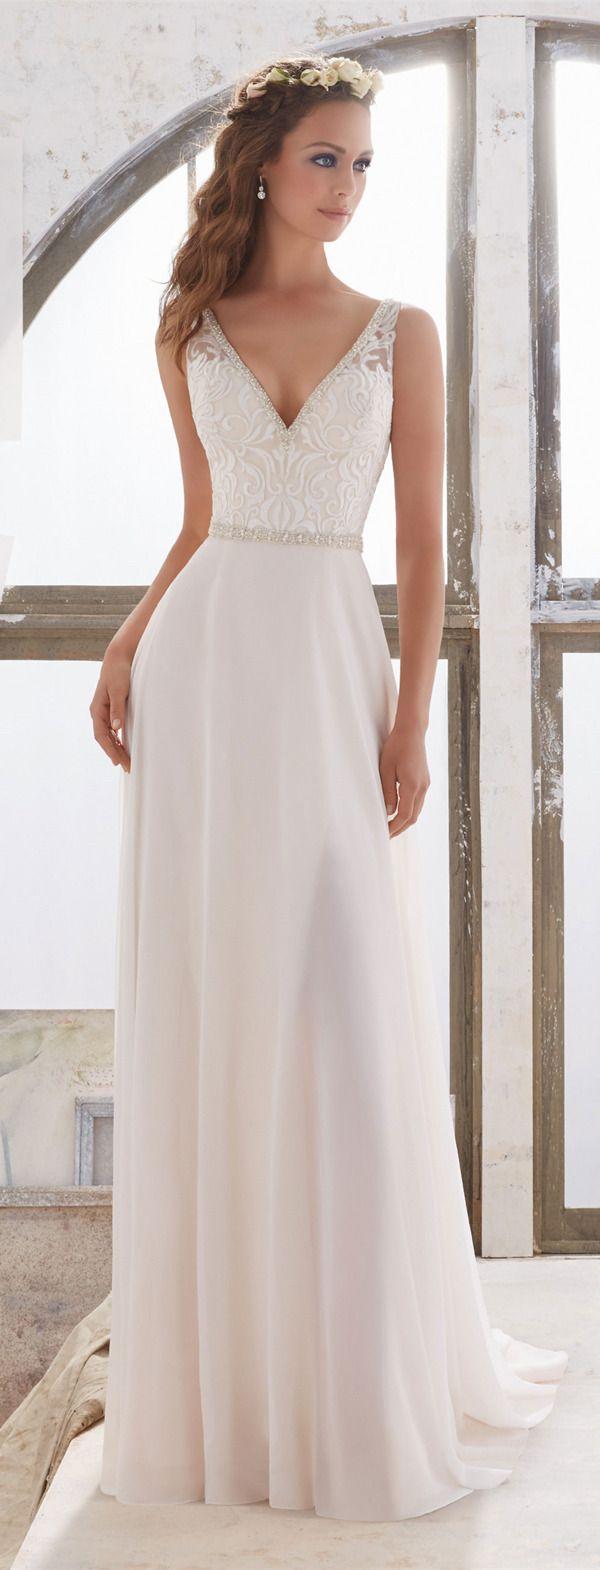 Schlicht, aber trotzdem elegant dieses Brautkleid !!!